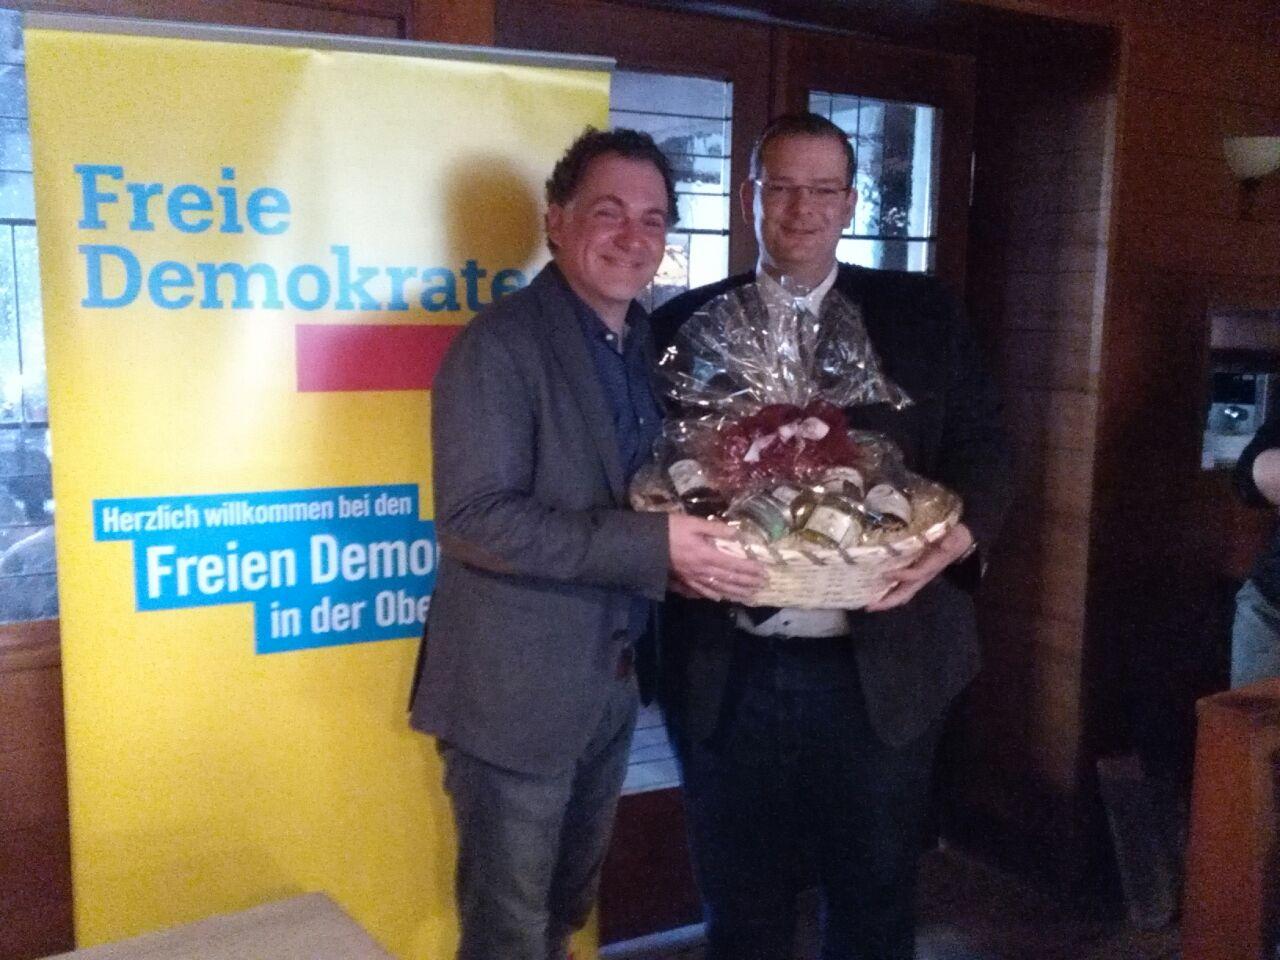 Horst Meierhofer legte sein Amt aus beruflichen Gründen nieder. Einstimmig wurde MdB Ulrich Lechte neuer FDP Bezirksvorsitzender